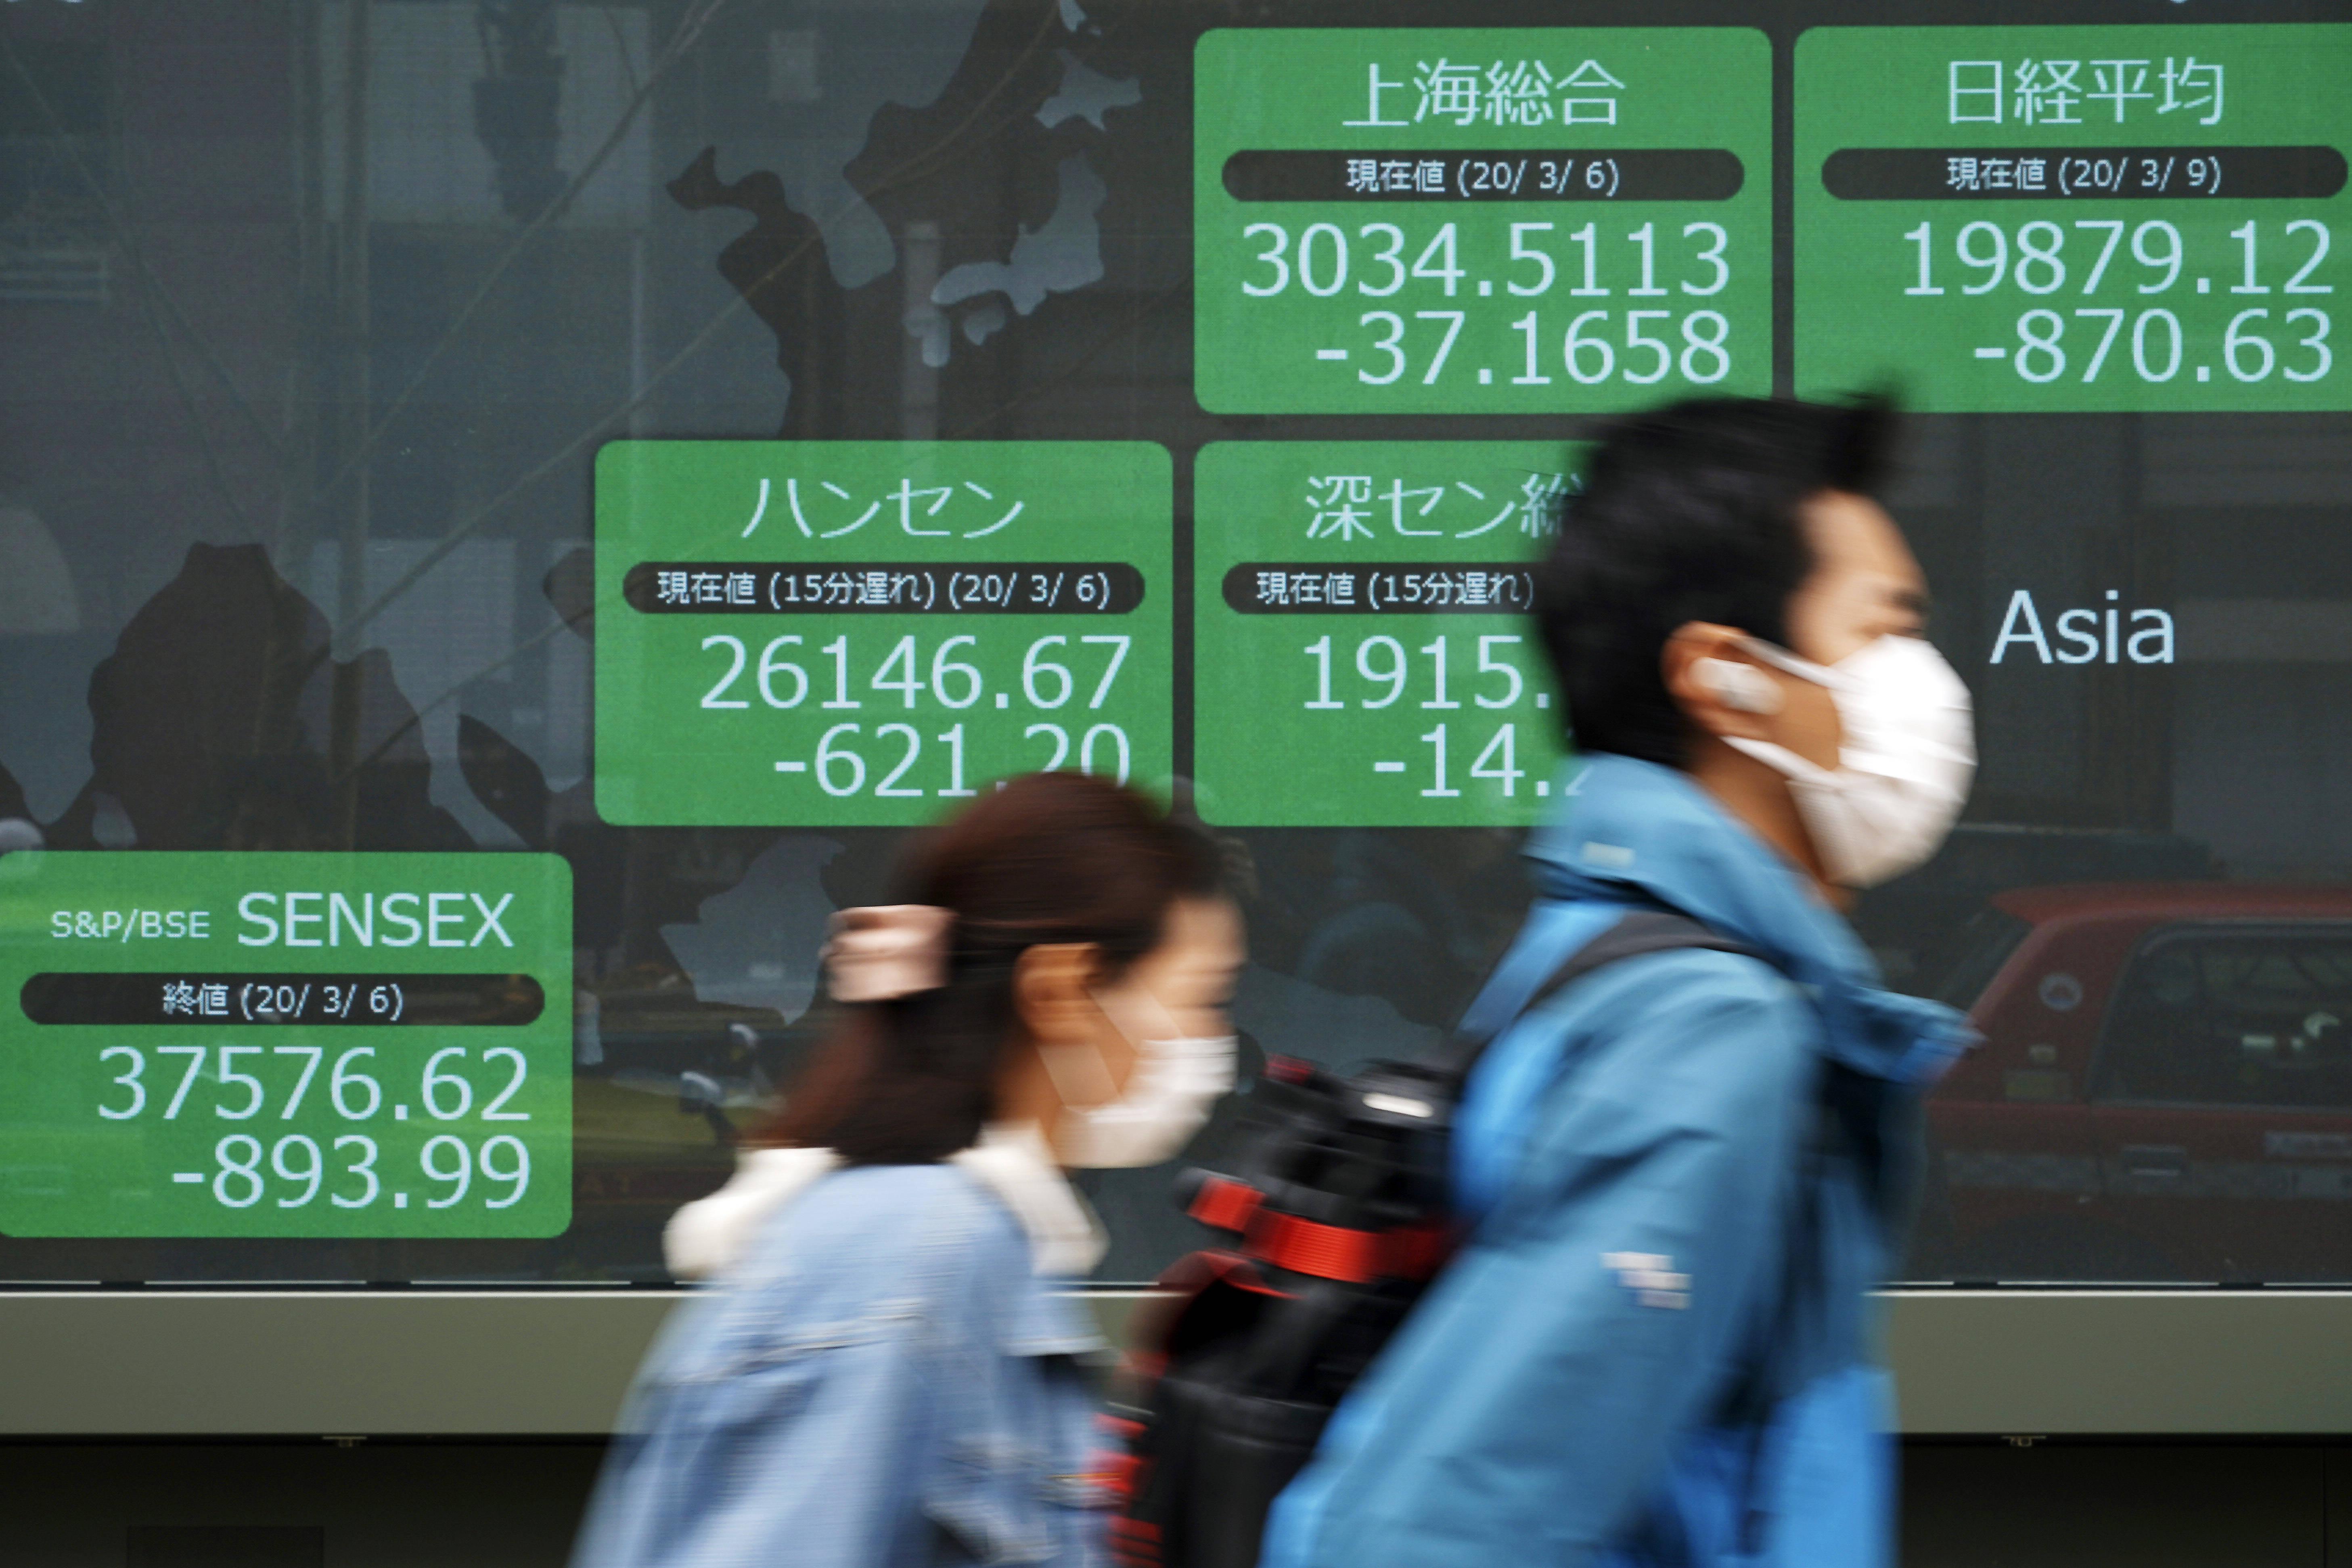 Les marchés boursiers asiatiques ont plongé dans lundi 9 mars après que les prix mondiaux du pétrole aient plongé dans les inquiétudes, une économie mondiale affaiblie par une épidémie de coronavirus pourrait être inondé de trop de brut.